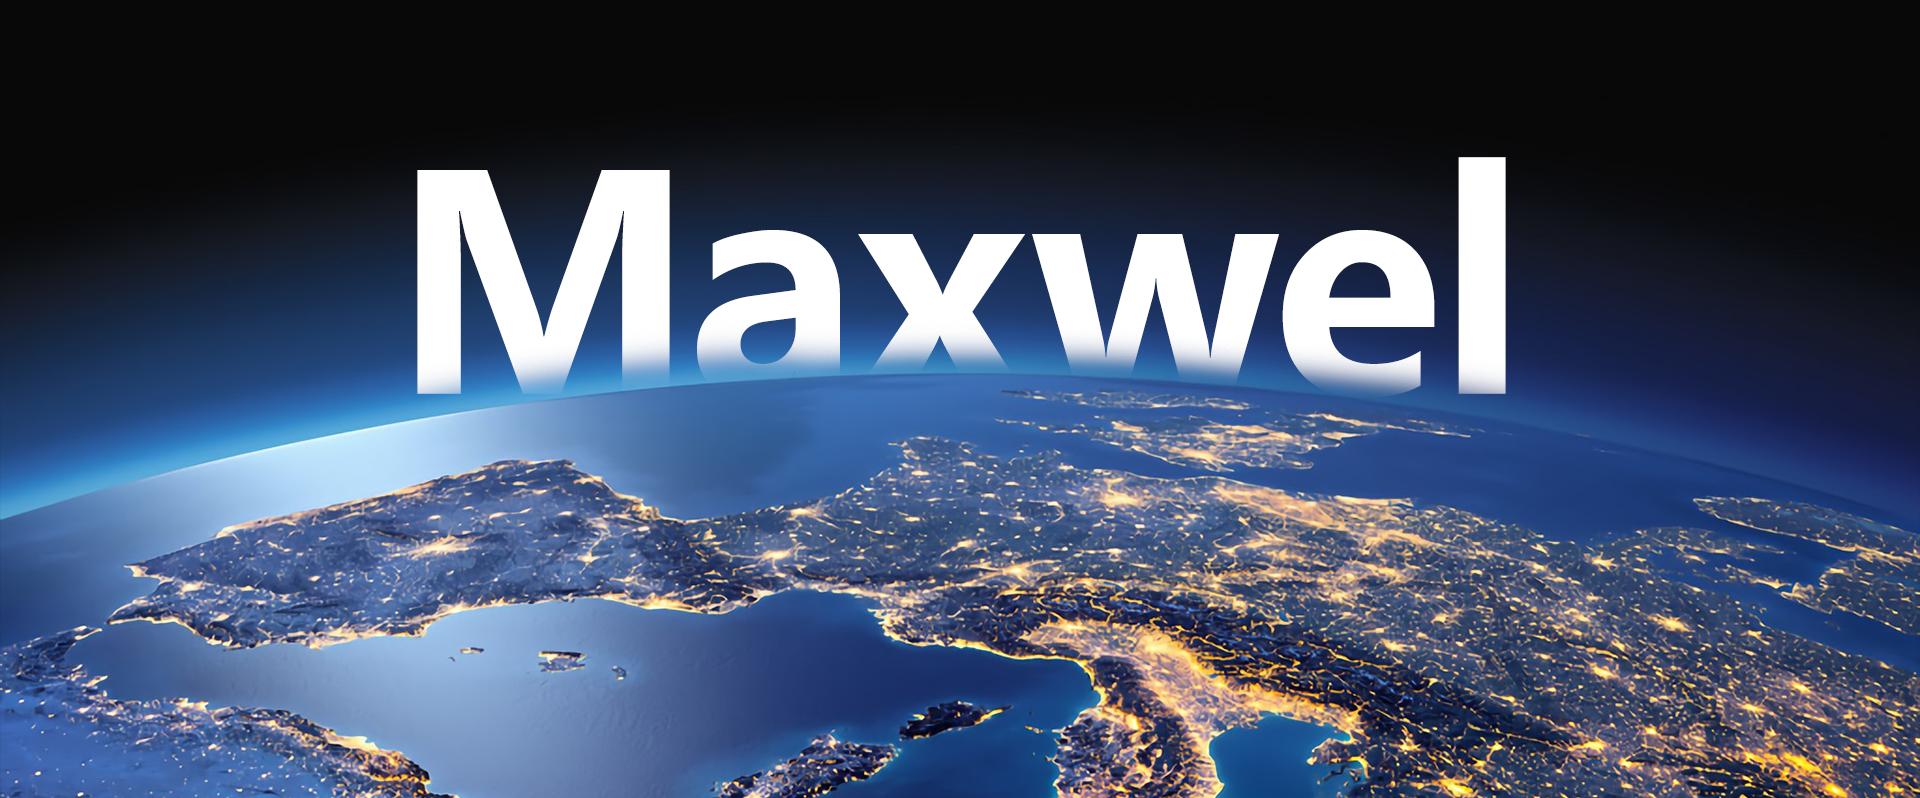 maxwel_culture